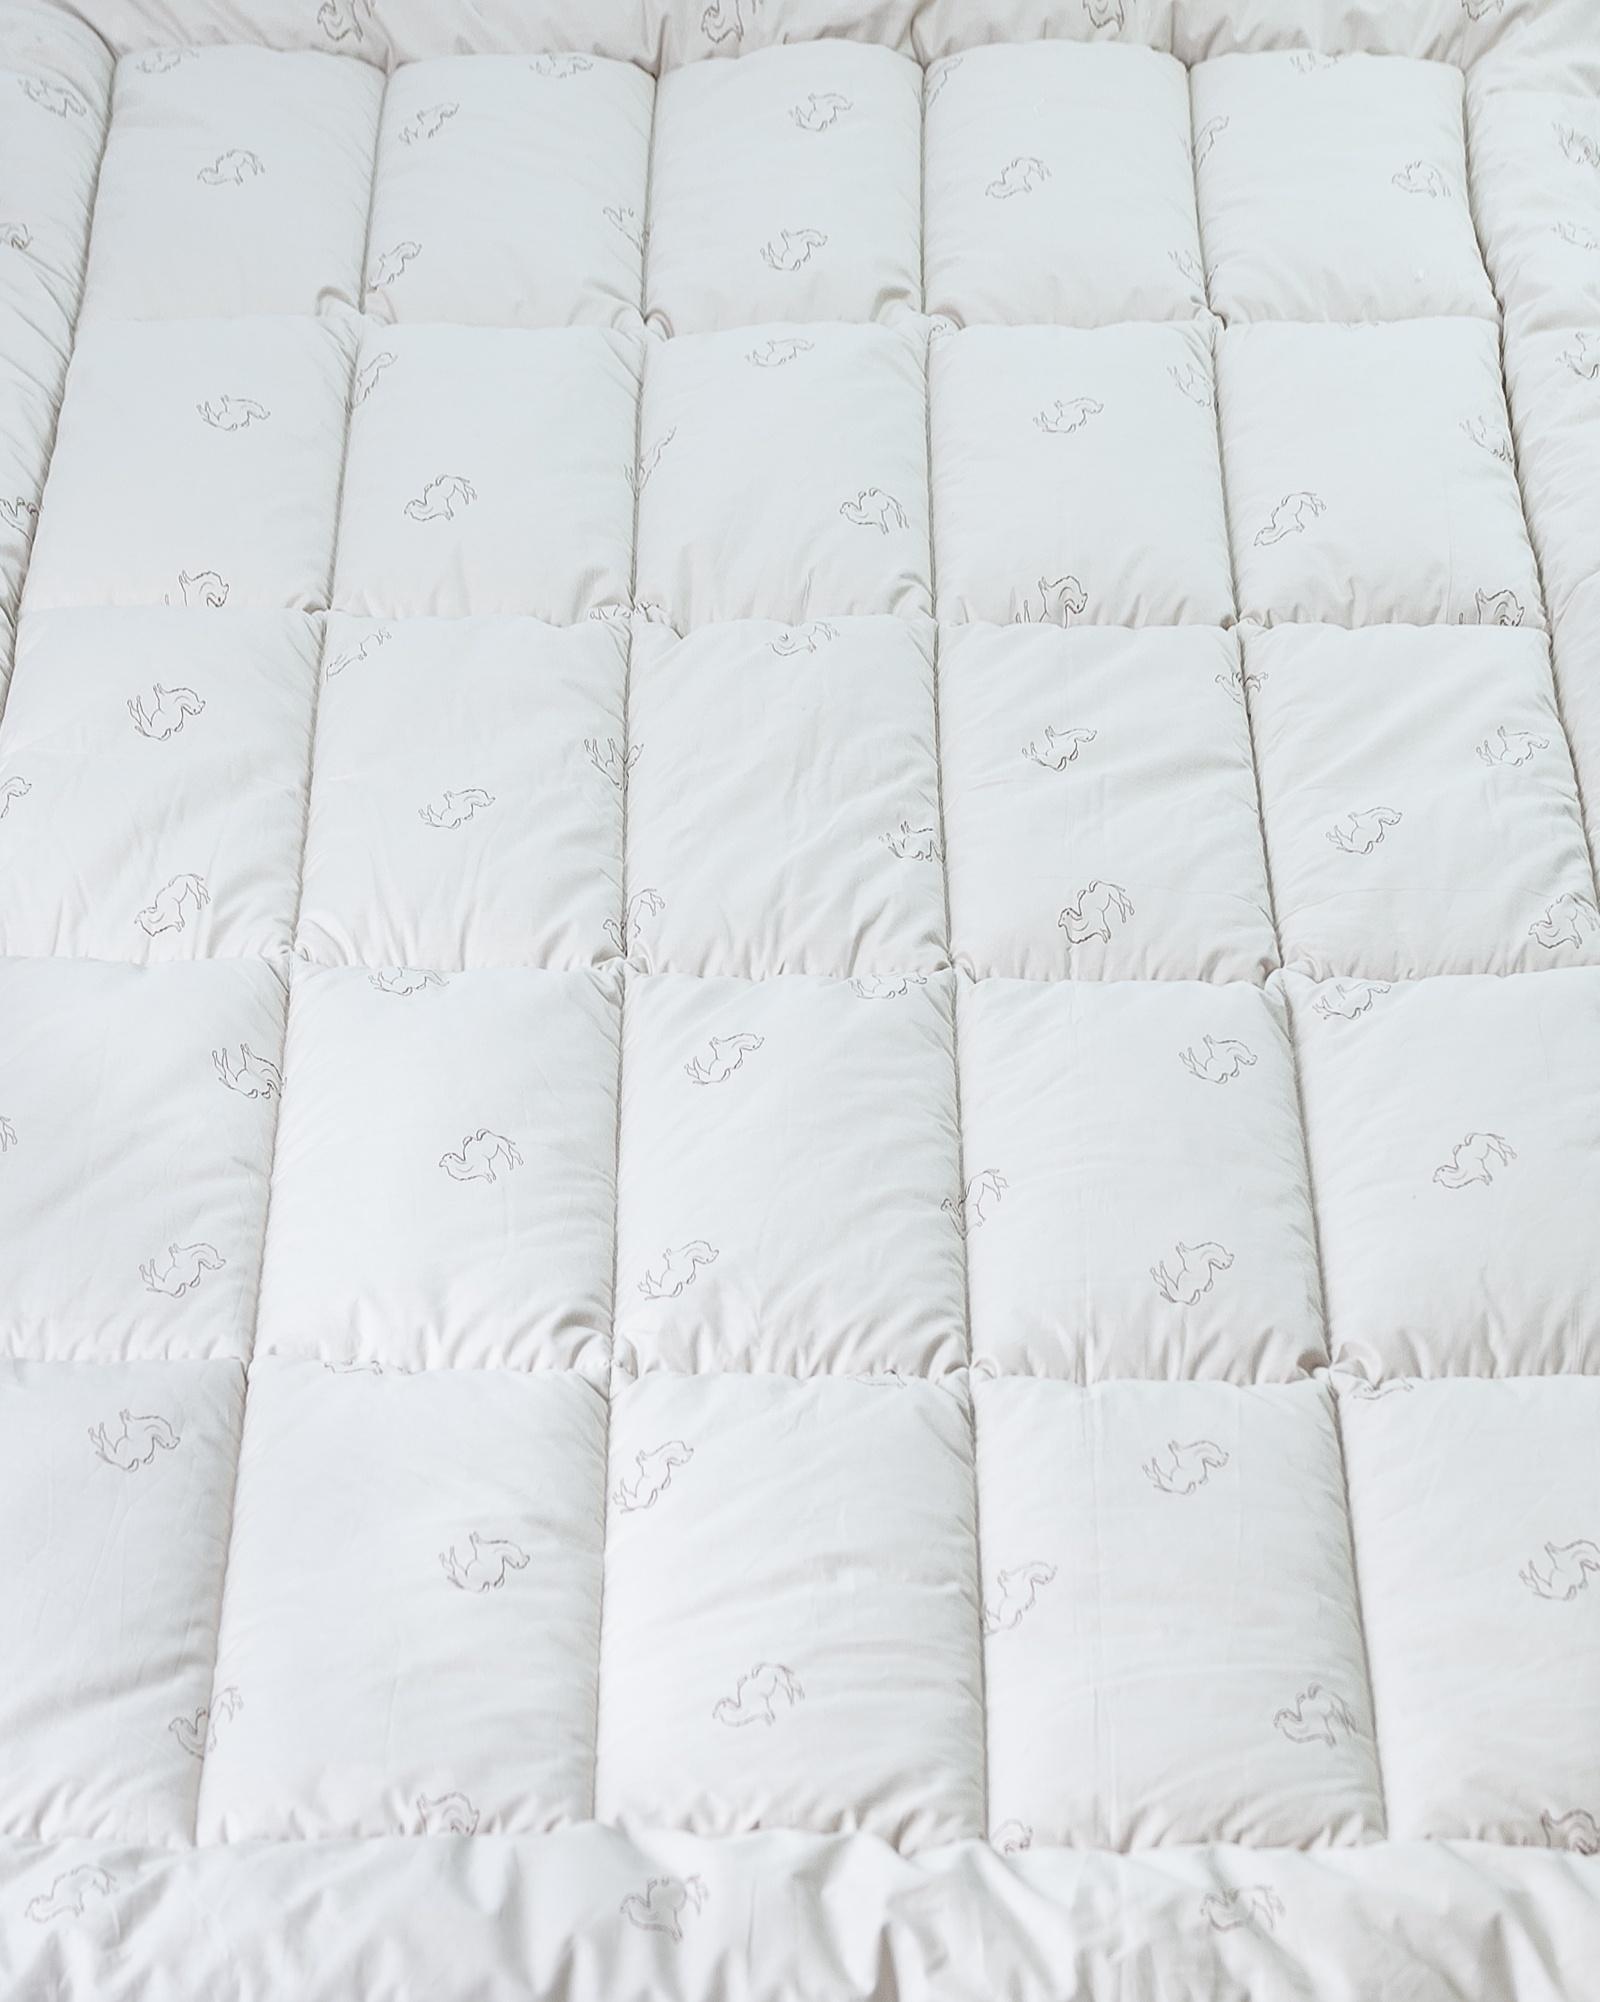 """Одеяло Sovinson Original Camel, бежевыйSV0052Сезонность: всесезонное (300 г/м2)Наполнитель: верблюжья шерстьТкань чехла: 100% хлопок (сатин)Размер: 172х205Упаковка: сумка из спанбонда (белая)Домашний текстиль из коллекции """"Original"""" – это комфортные и воздушные изделия, под которыми не жарко летом, тепло и уютно зимой. Изделия выполняются из природных материалов, которые отлично подойдут даже людям с кожей особой чувствительности, склонной к возникновению раздражения и аллергии. Человек сможет полноценно отдохнуть и расслабиться в постели только с использованием высококачественных изделий. Здоровый сон обеспечивает бодрость и отличное самочувствие днем. Использование продукции «Sovinson» в быту – это залог здоровья тела и духа и качественное восстановление жизненных сил ночью."""